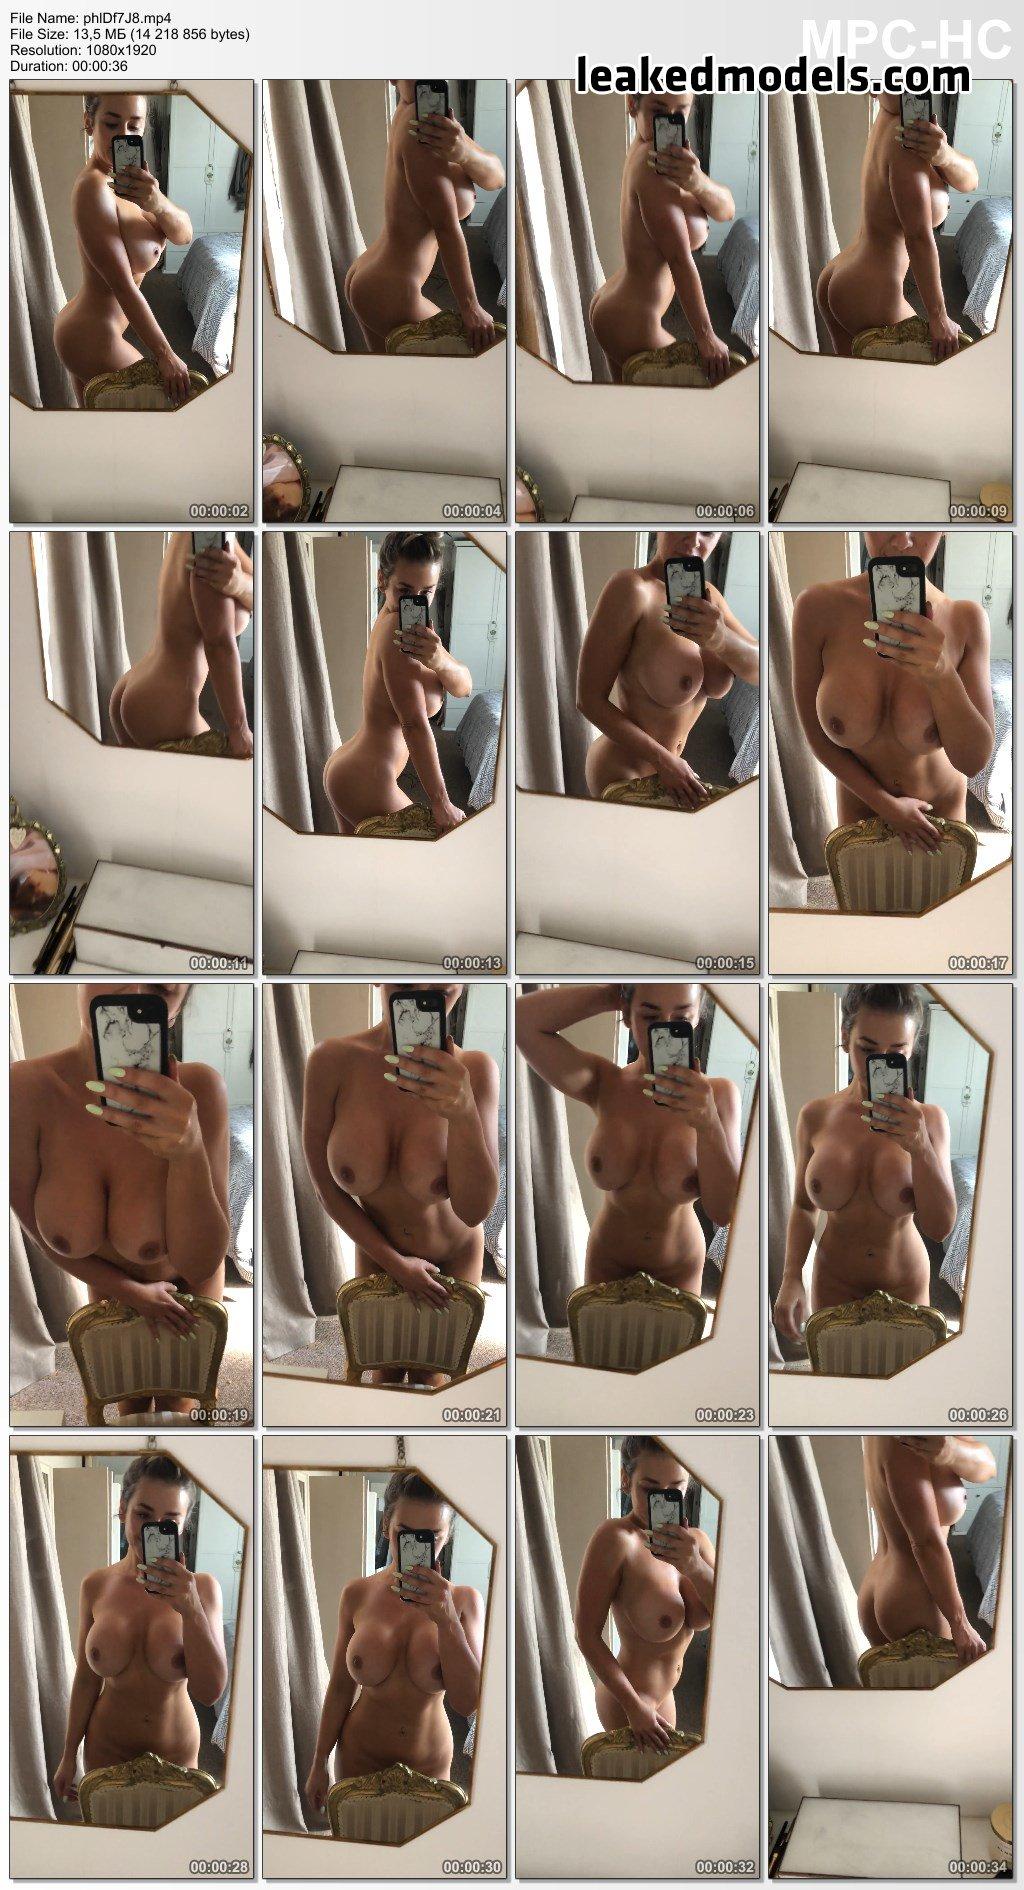 Melissa Debling Instagram Nude Leaks (27 Photos)